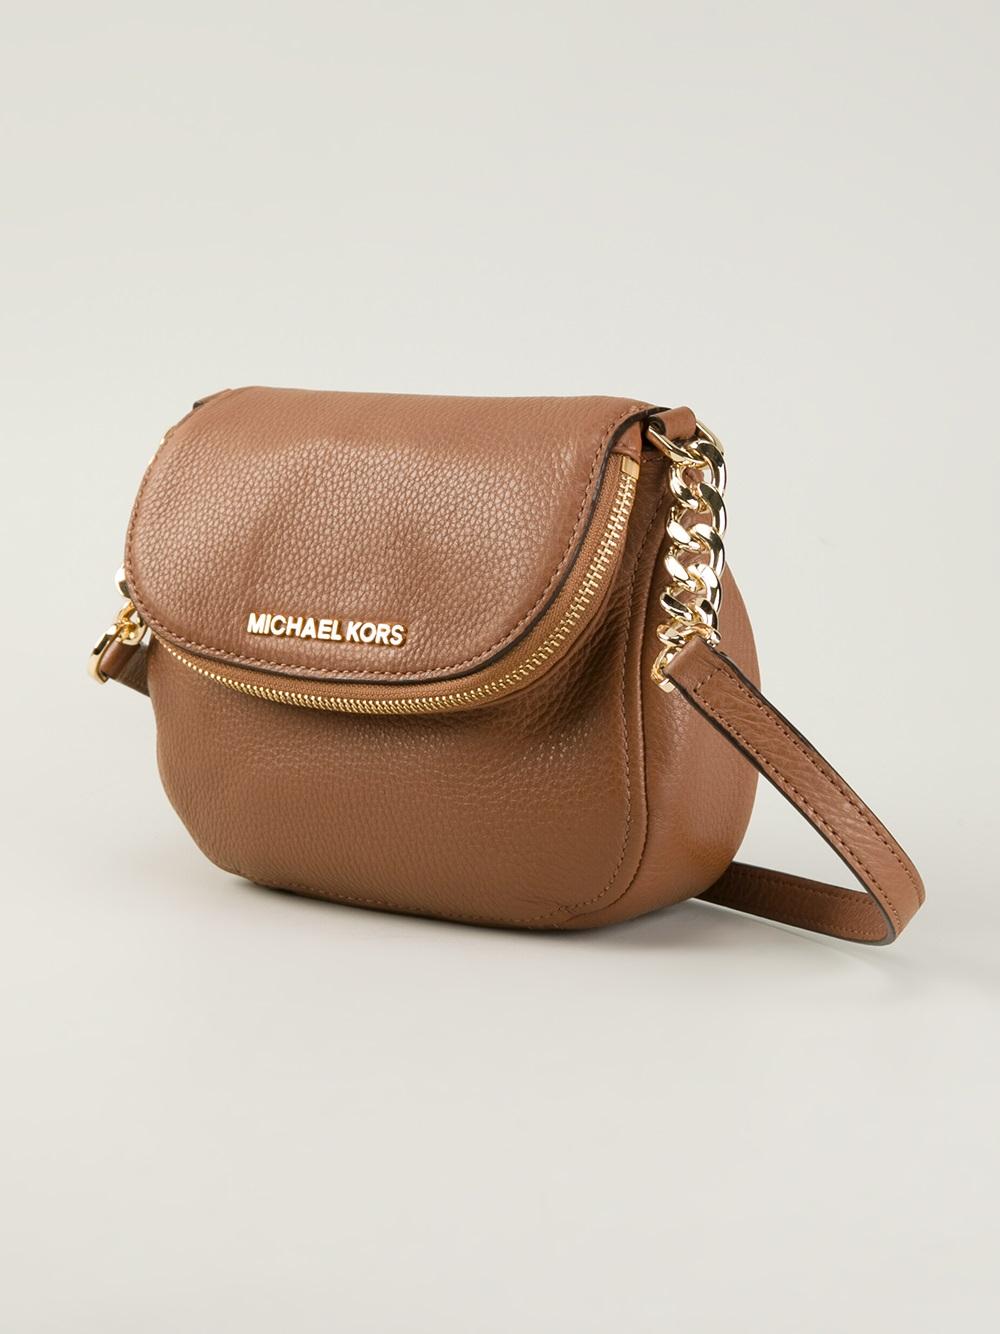 4-Year Luggage/Handbag Protection Plan